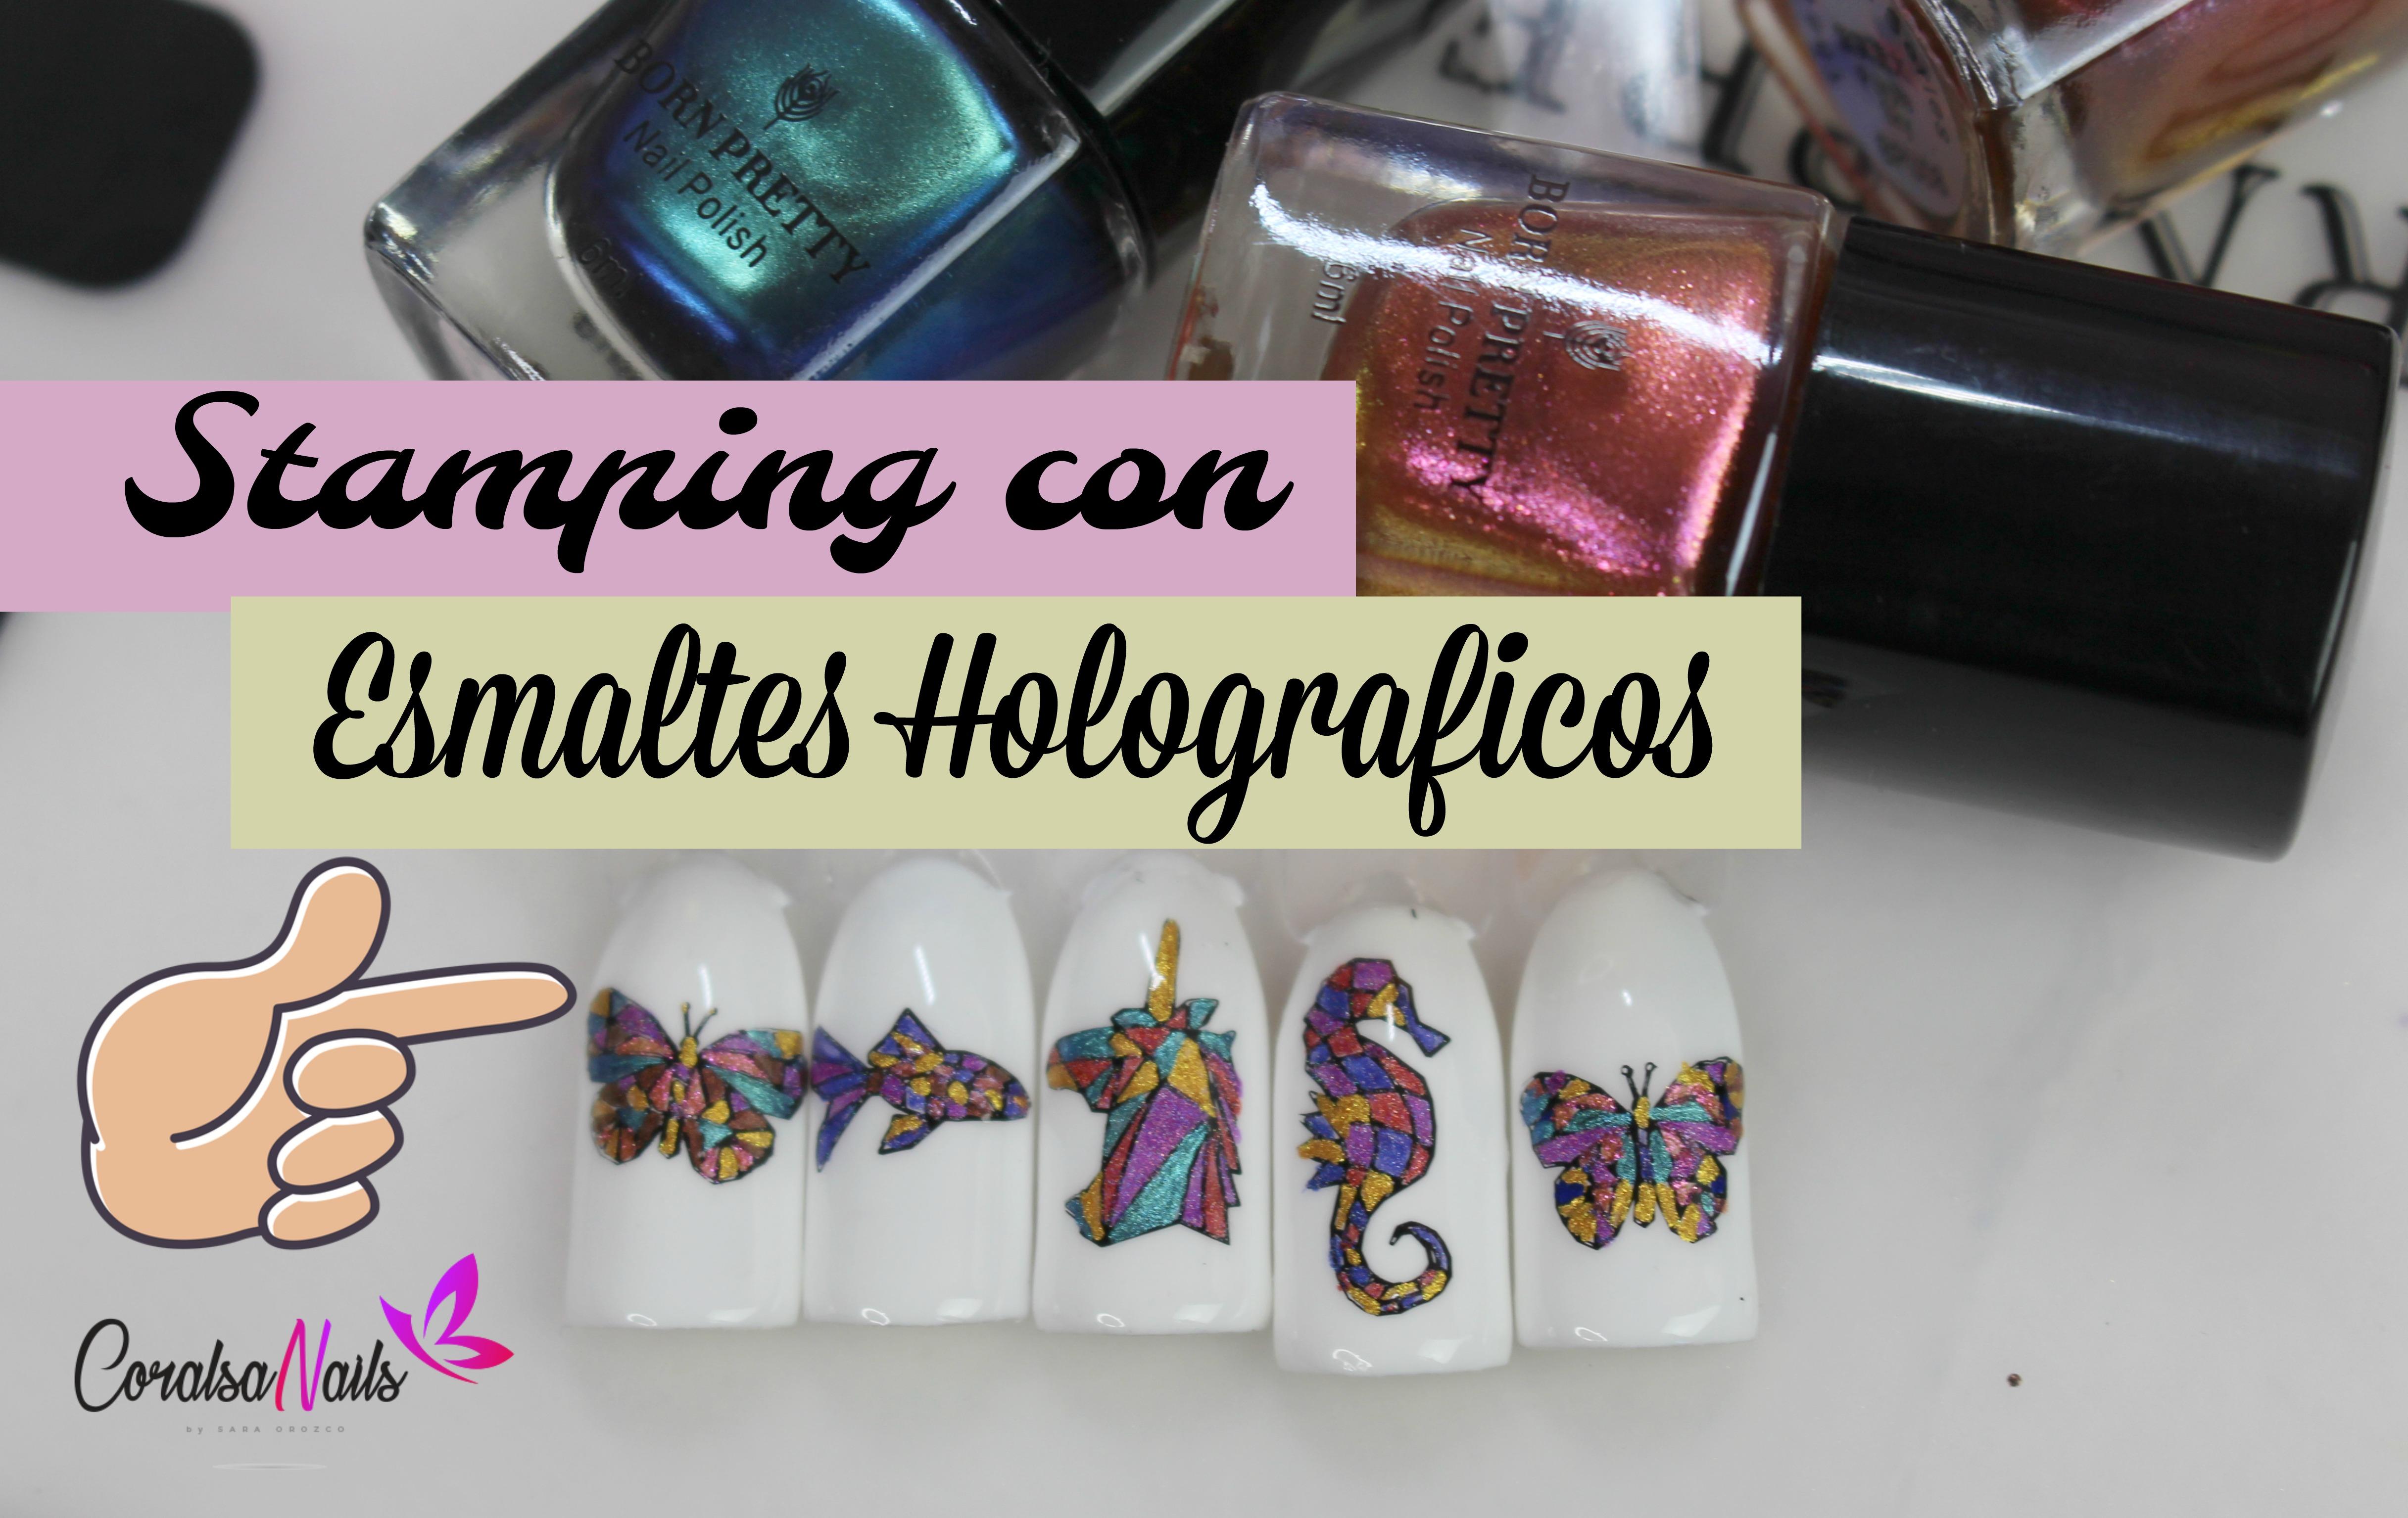 Técnica Stamping con Esmaltes Holograficos